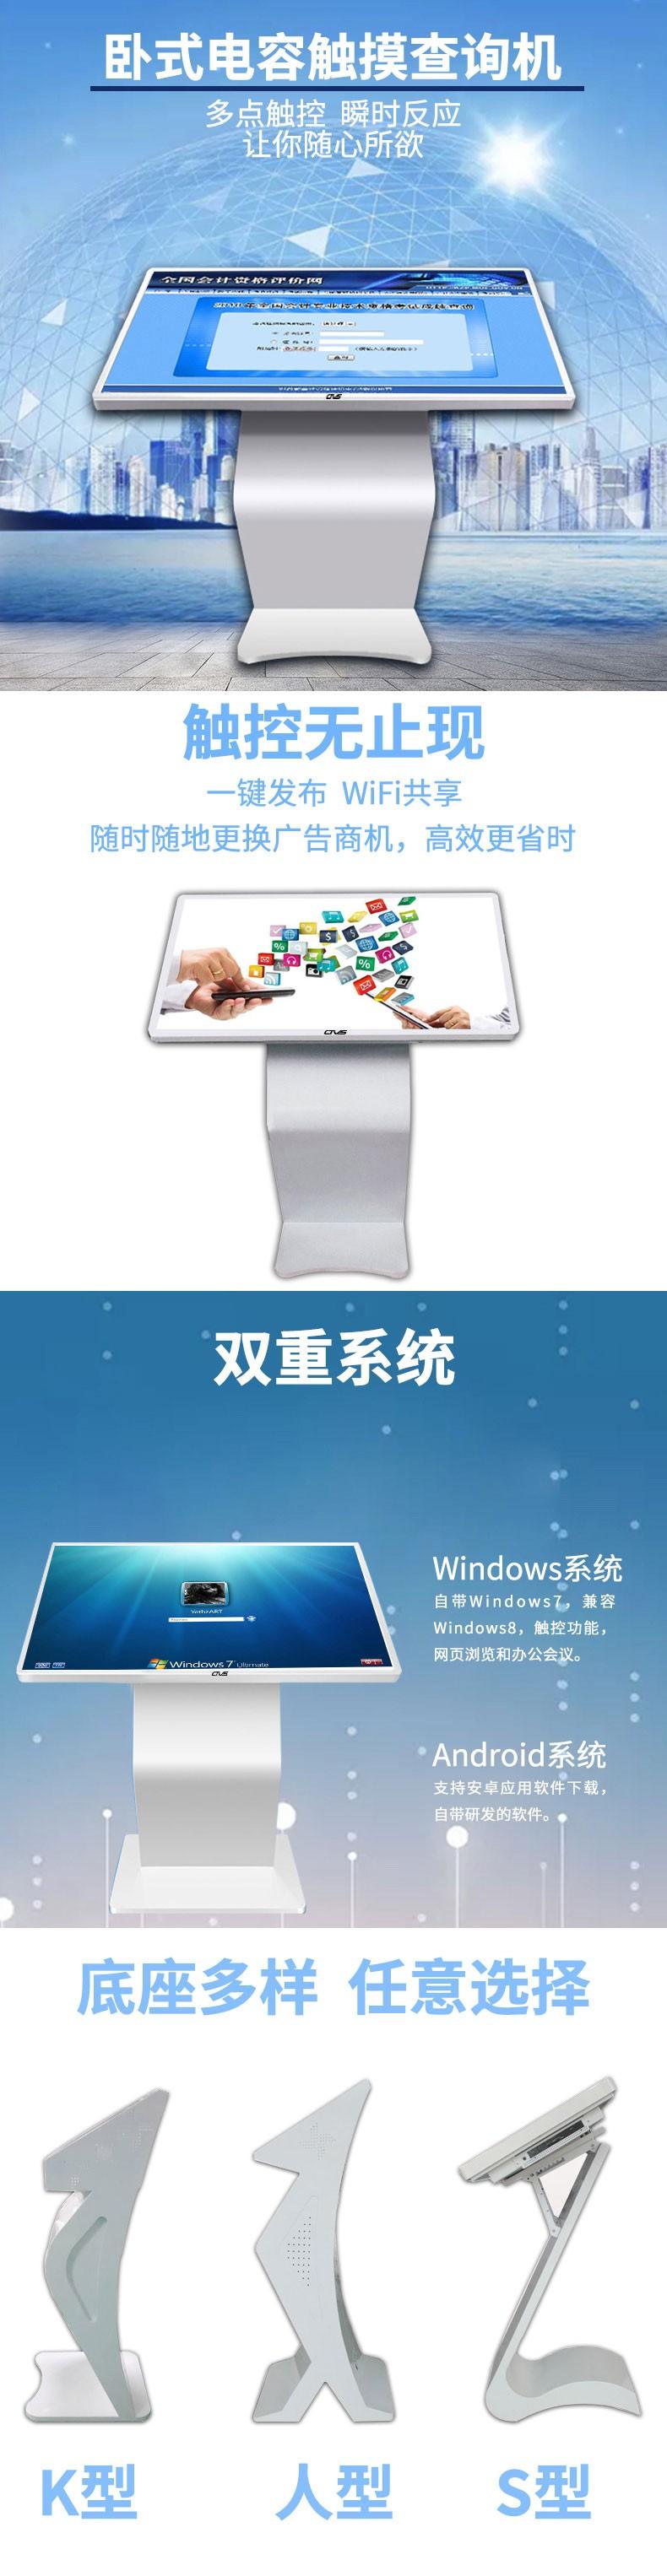 卧式21.5寸电容触控一体机PC版功能详情展示